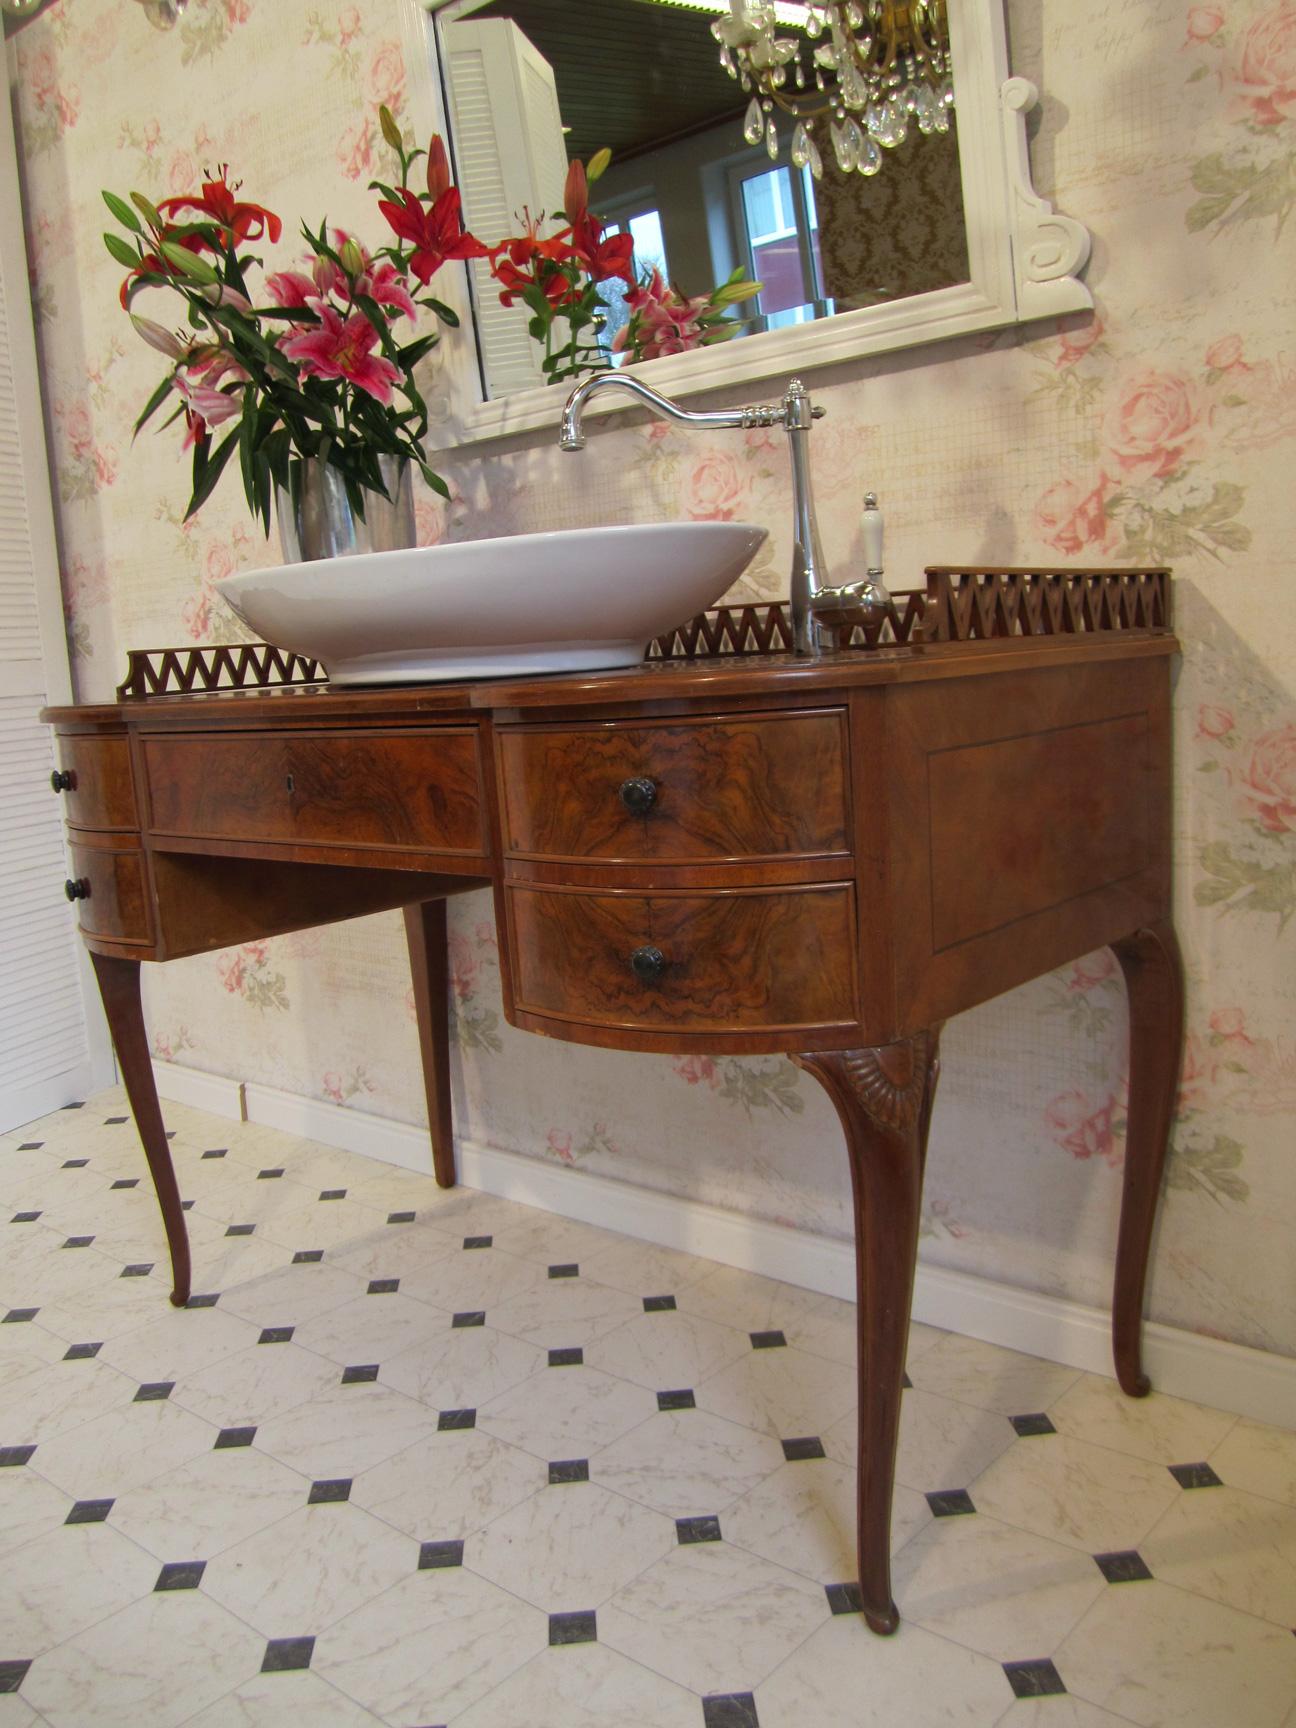 Waschtisch Landhaus antik im Badezimmer - Wasserheimat